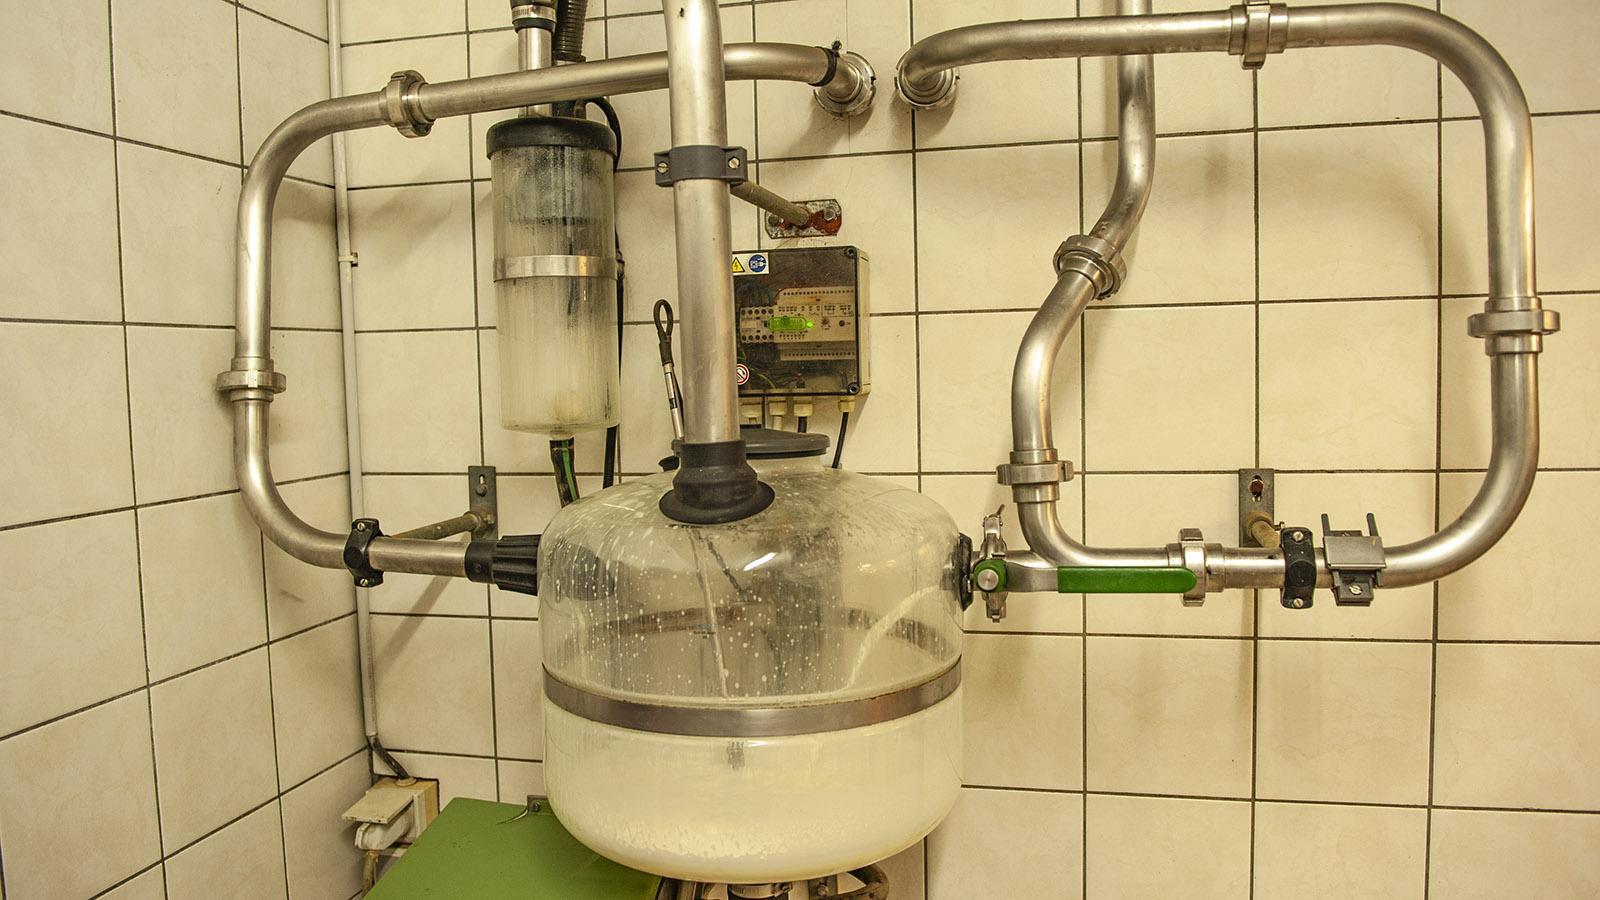 Abondance: Die abgepumpte Milch läuft nach dem Melken durch diesen Apparat hin zu den Käsekesseln.